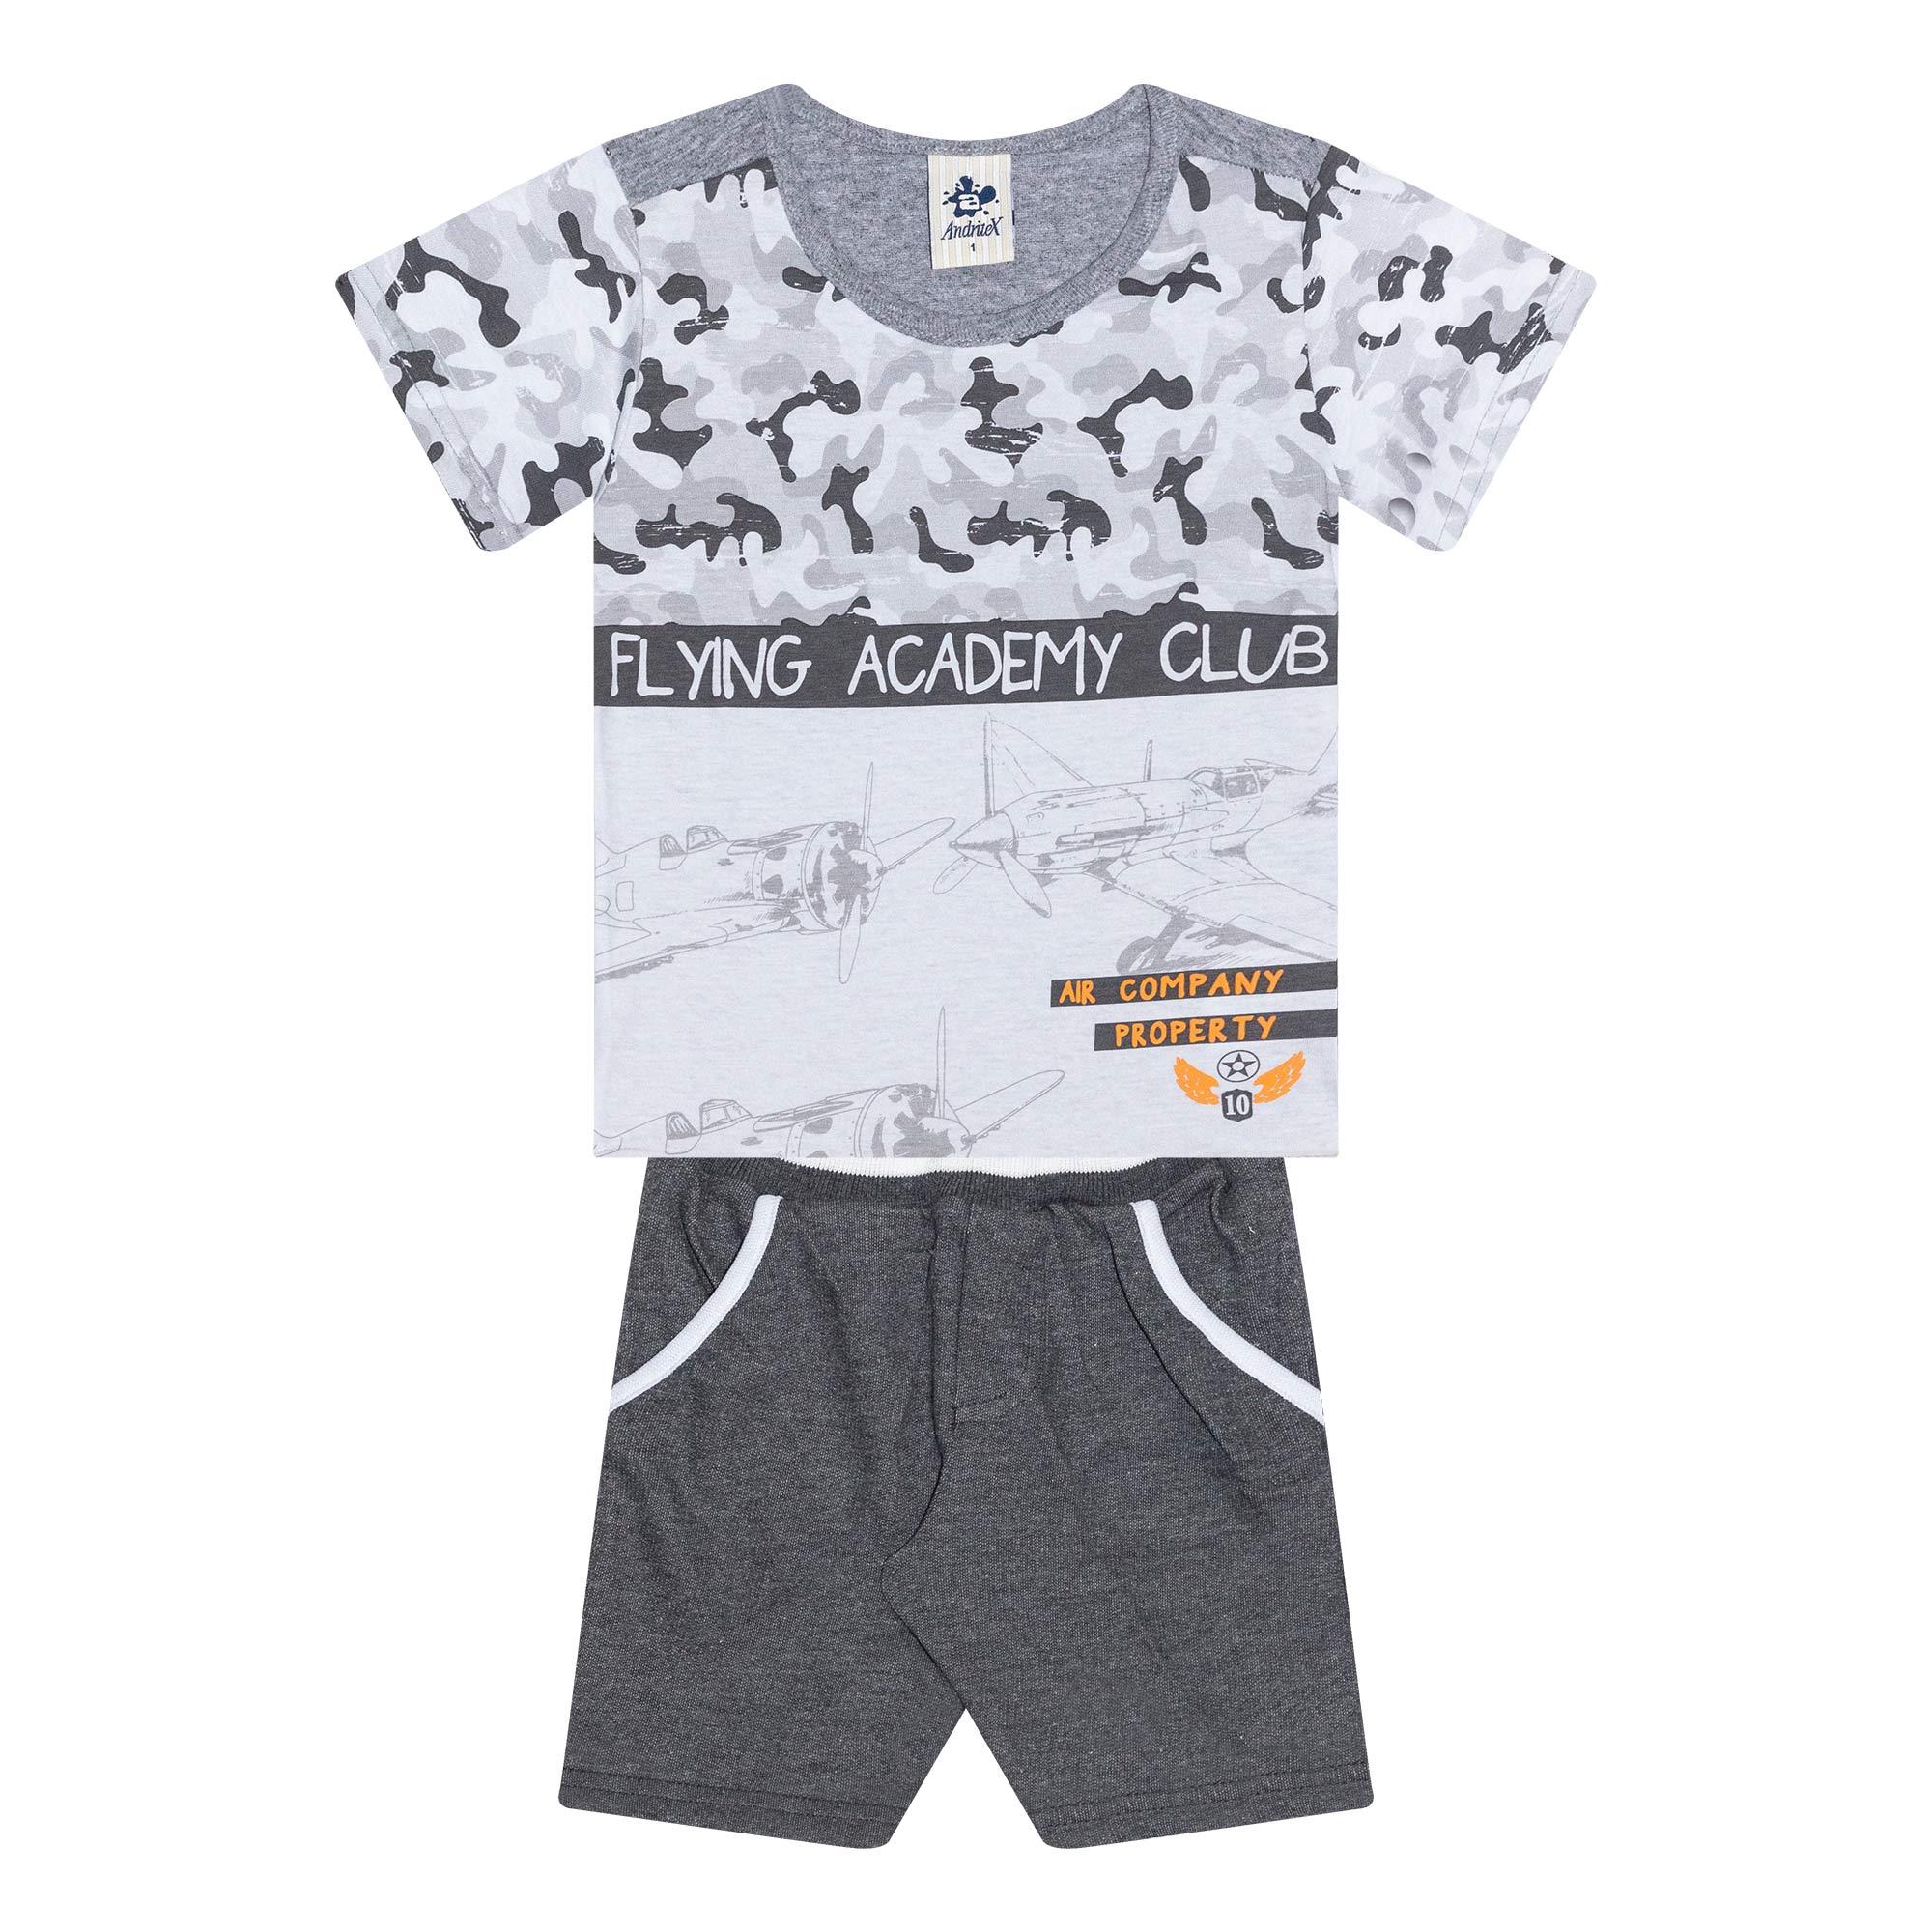 Conjunto Infantil Masculino Academy - Ref 4854 - Branco/Mescla - Andritex